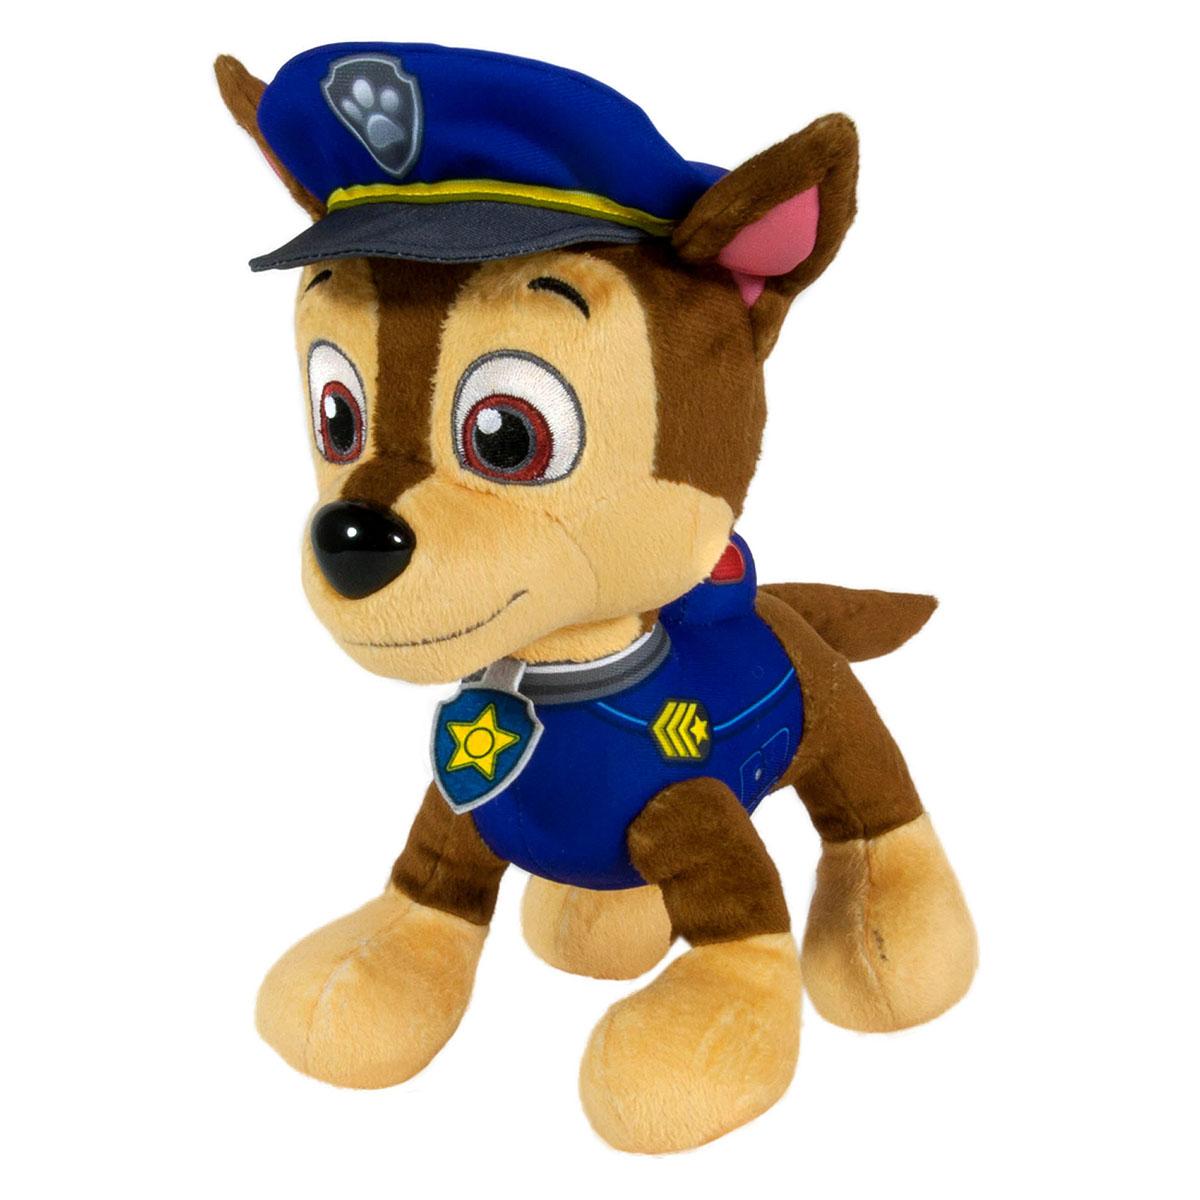 Мягкая игрушка Щенячий патруль Полицейский Chase, 22 см16607Мягкая игрушка Щенячий патруль Полицейский Chase понравится вашему малышу. Игрушка выполнена в виде щенка Чейза из популярного мультсериала Paw Patrol (Собачий патруль). Игрушка изготовлена из текстильного материала; глазки, брови и ротик вышиты нитками, носик - пластиковый. Оригинальный стиль и великолепное качество исполнения делают эту игрушку чудесным подарком к любому празднику, а жизнерадостный образ представит такой подарок в самом лучшем свете.